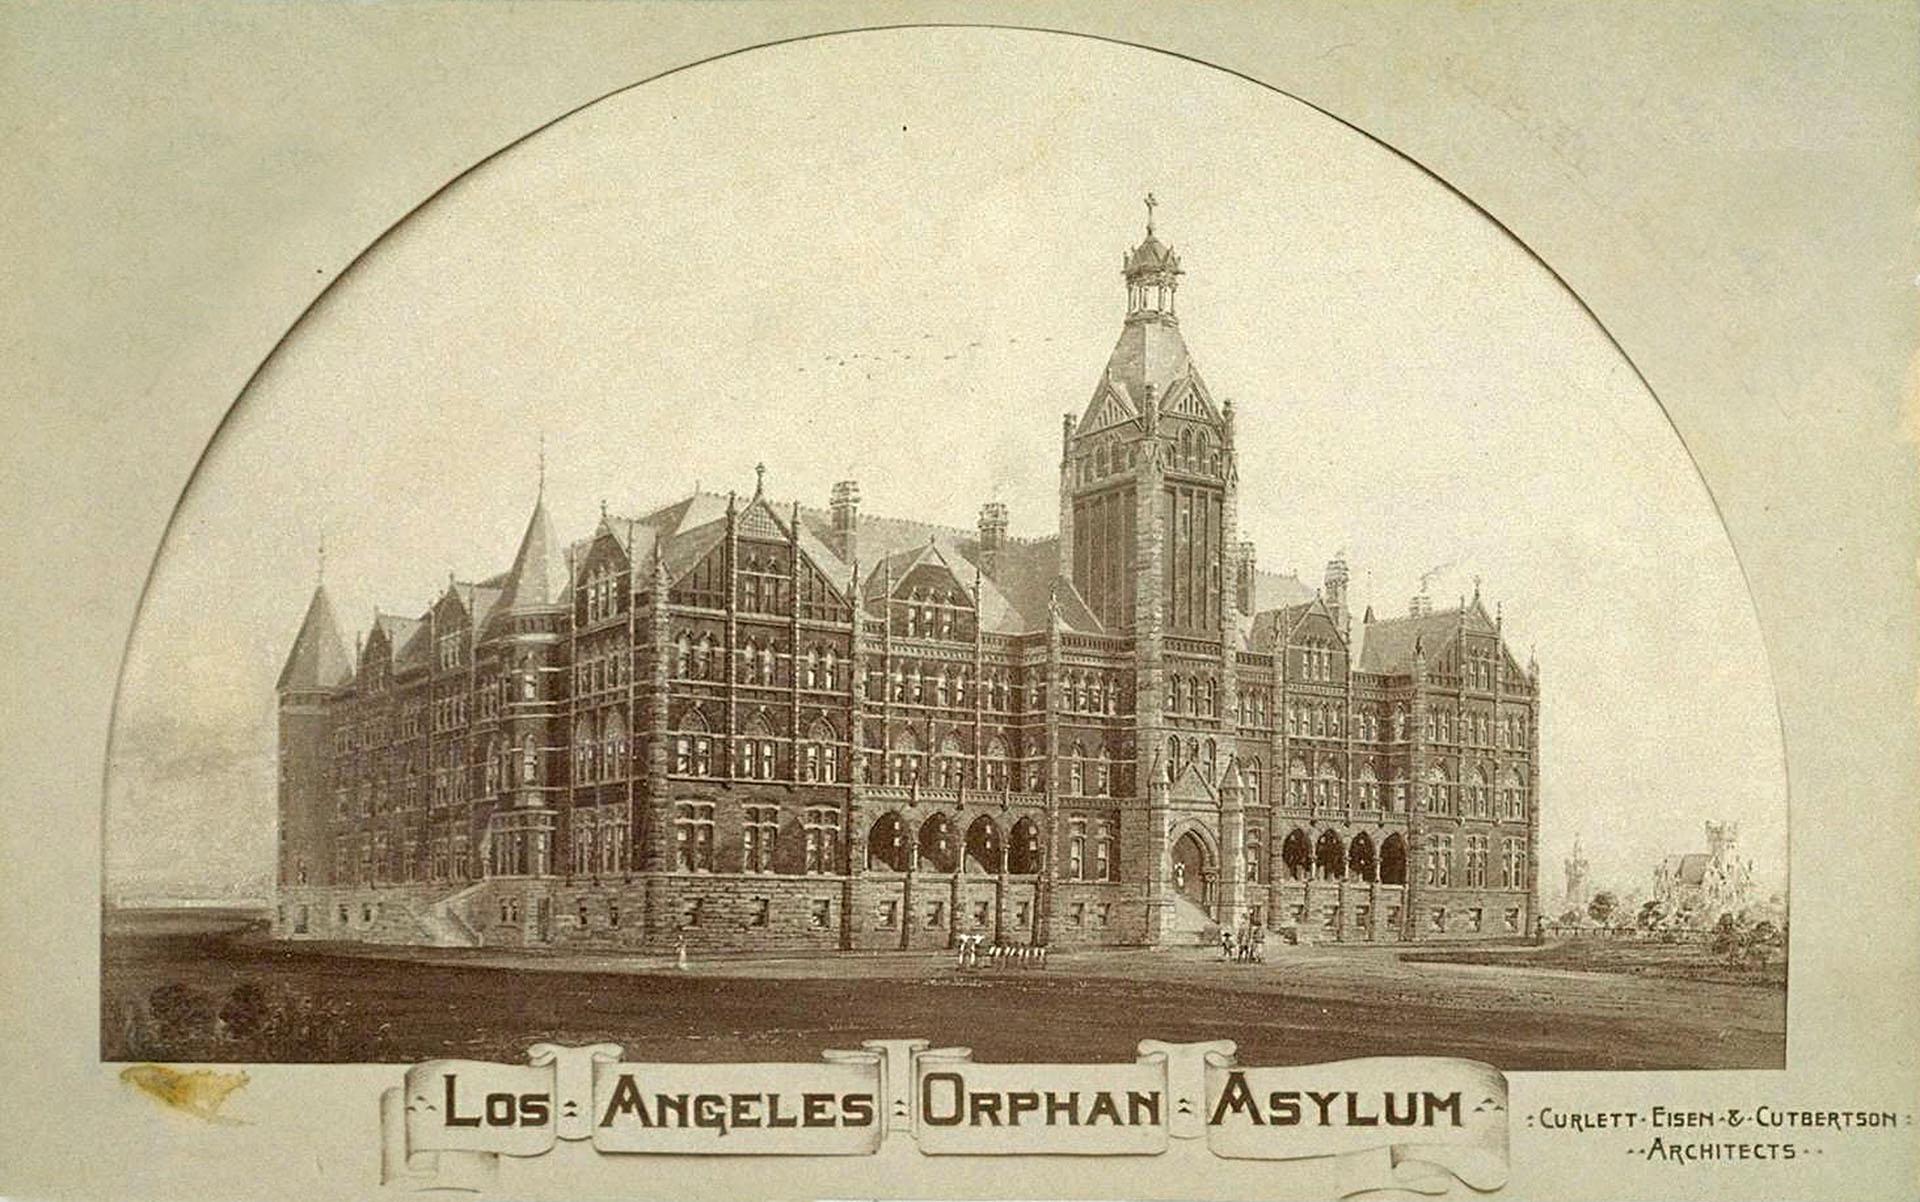 Los Angeles Orphan Asylum